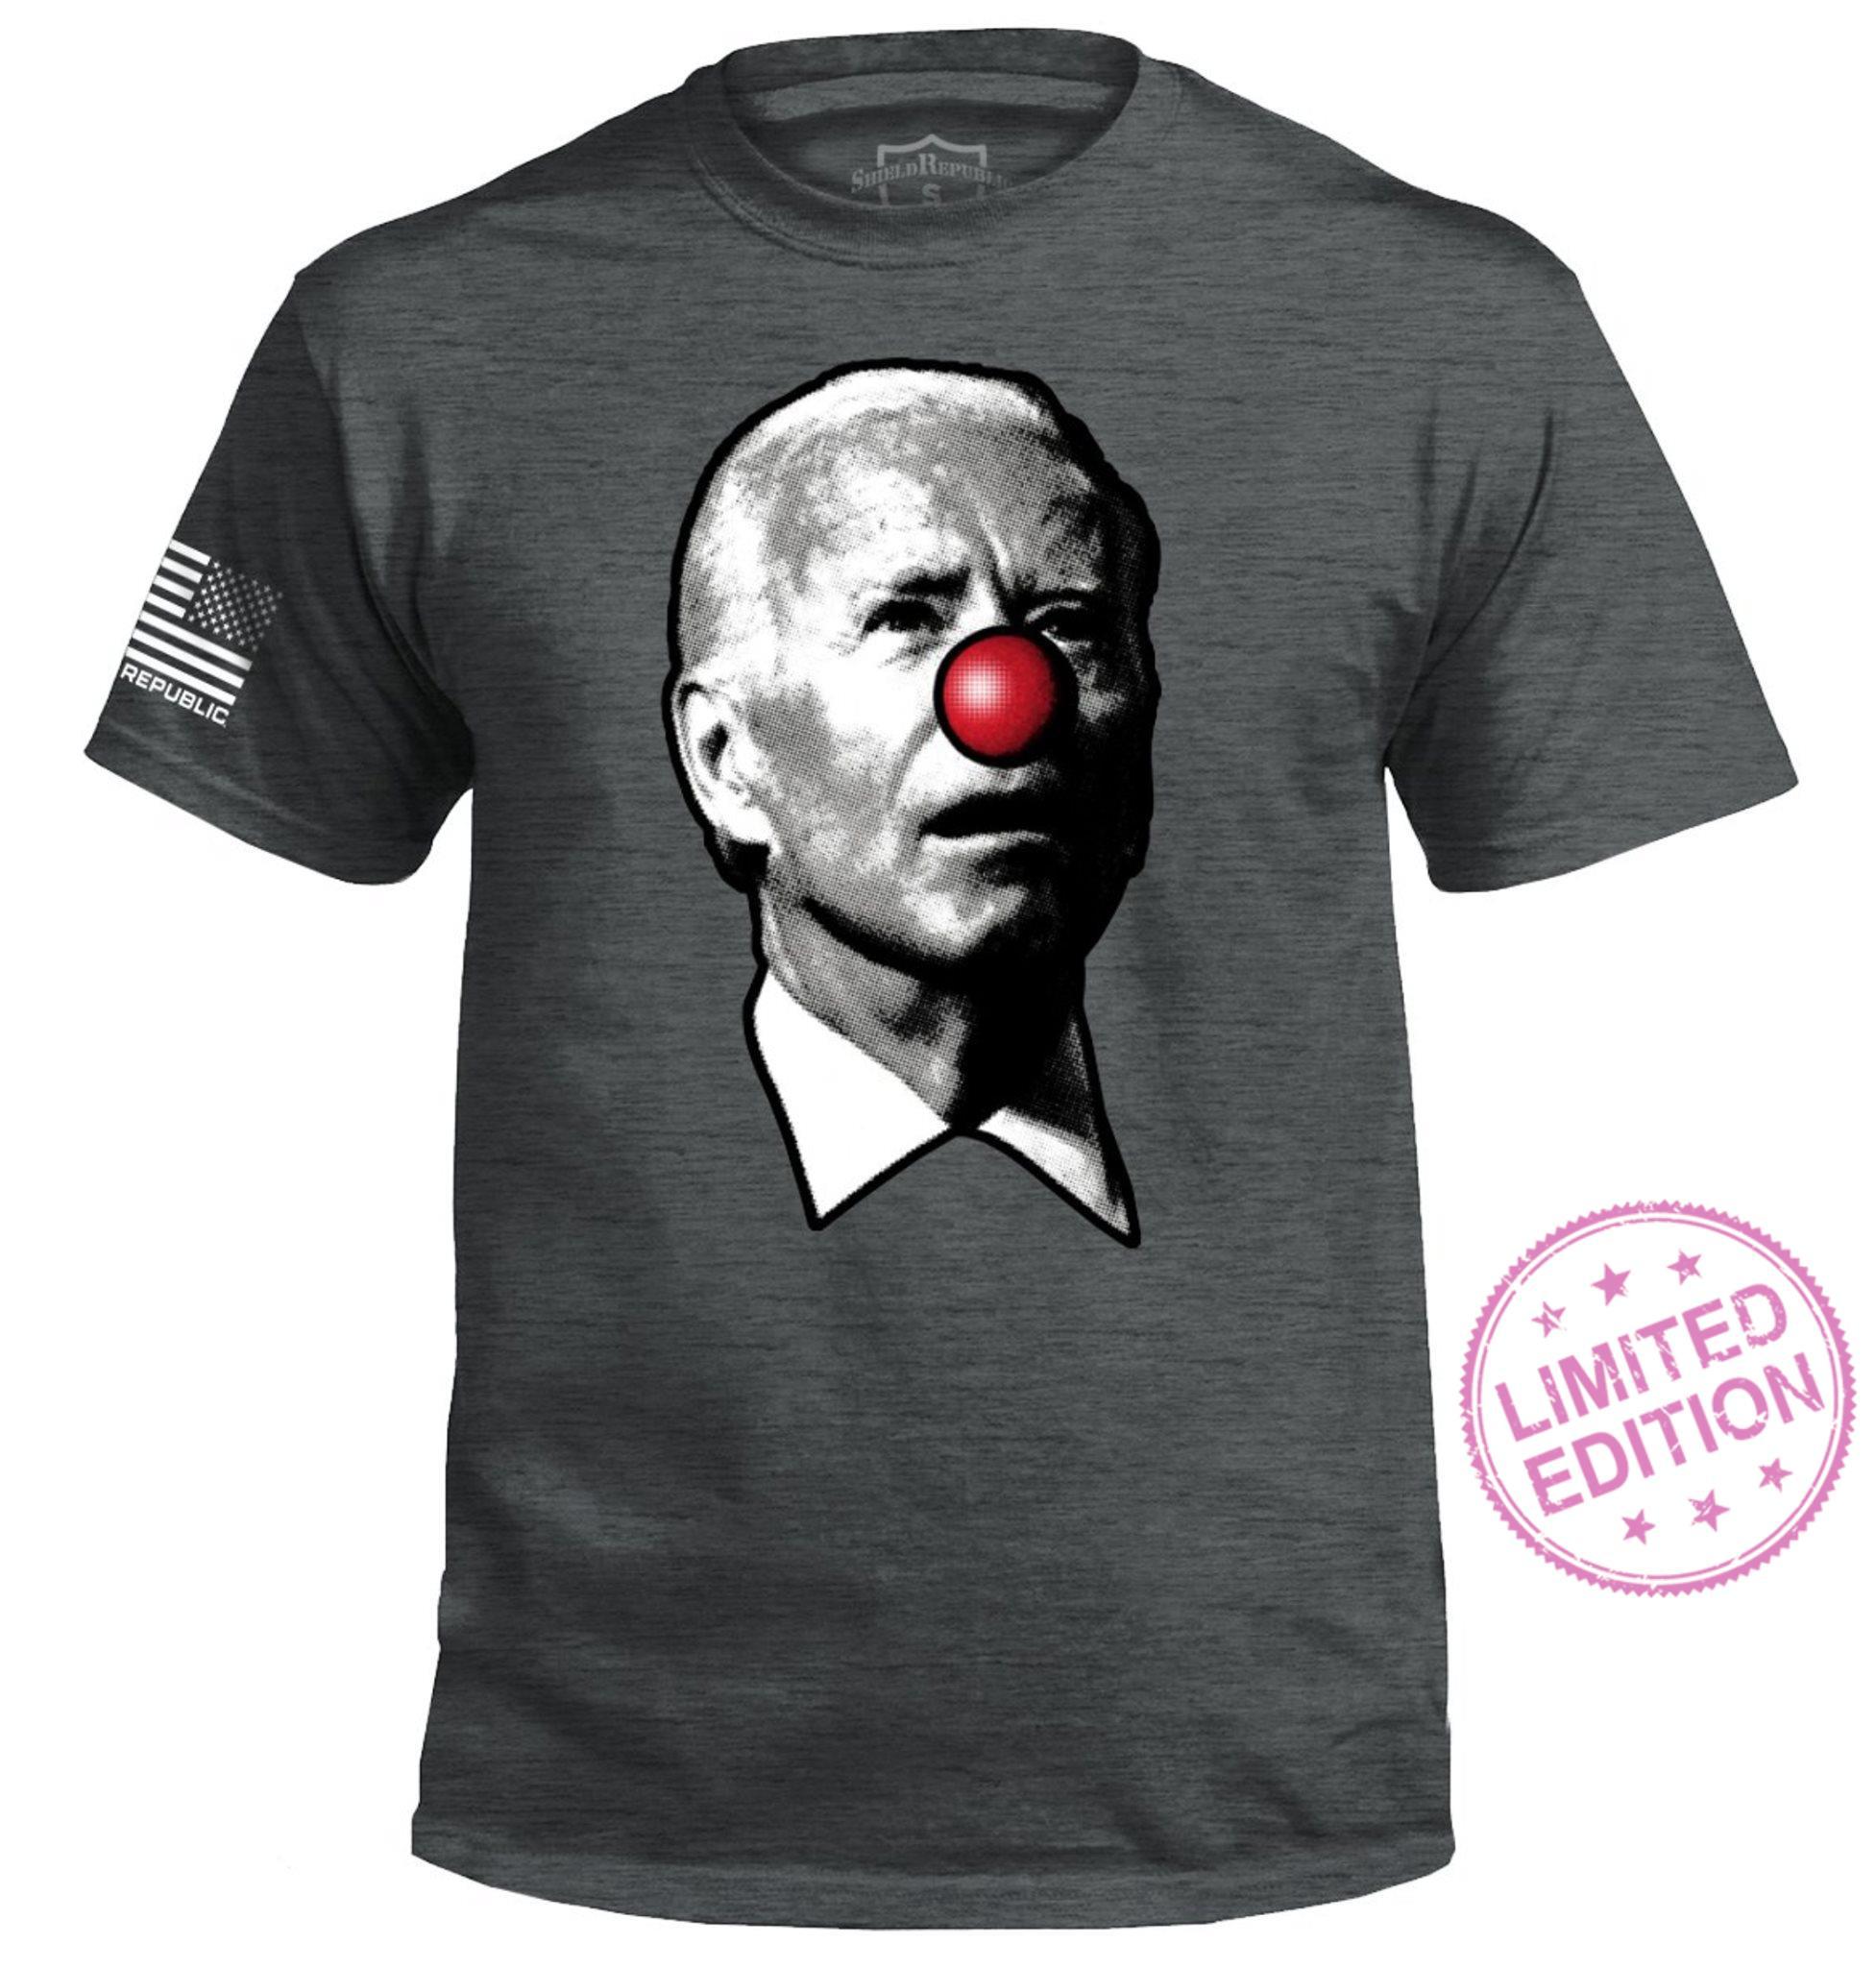 Official Clown Show Joe Shirt